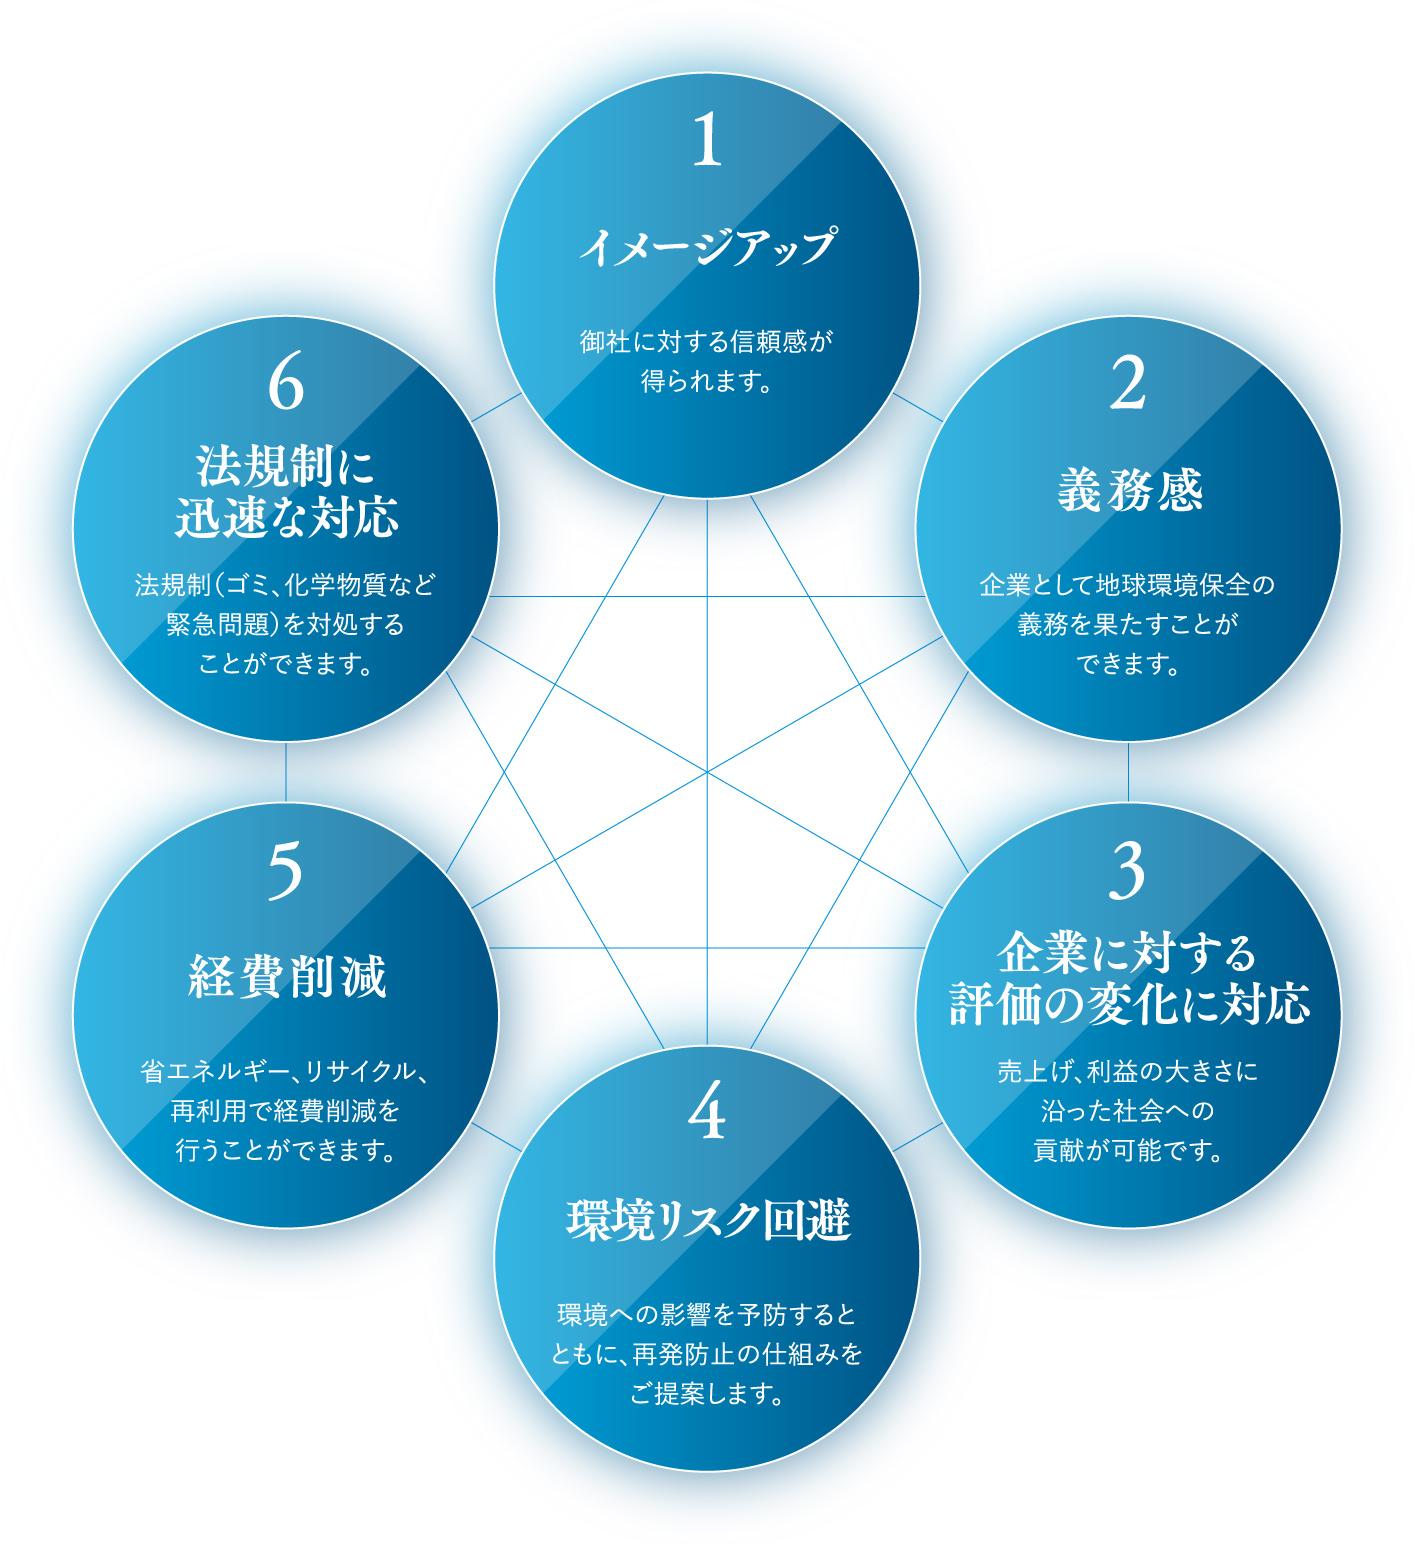 6つの理念